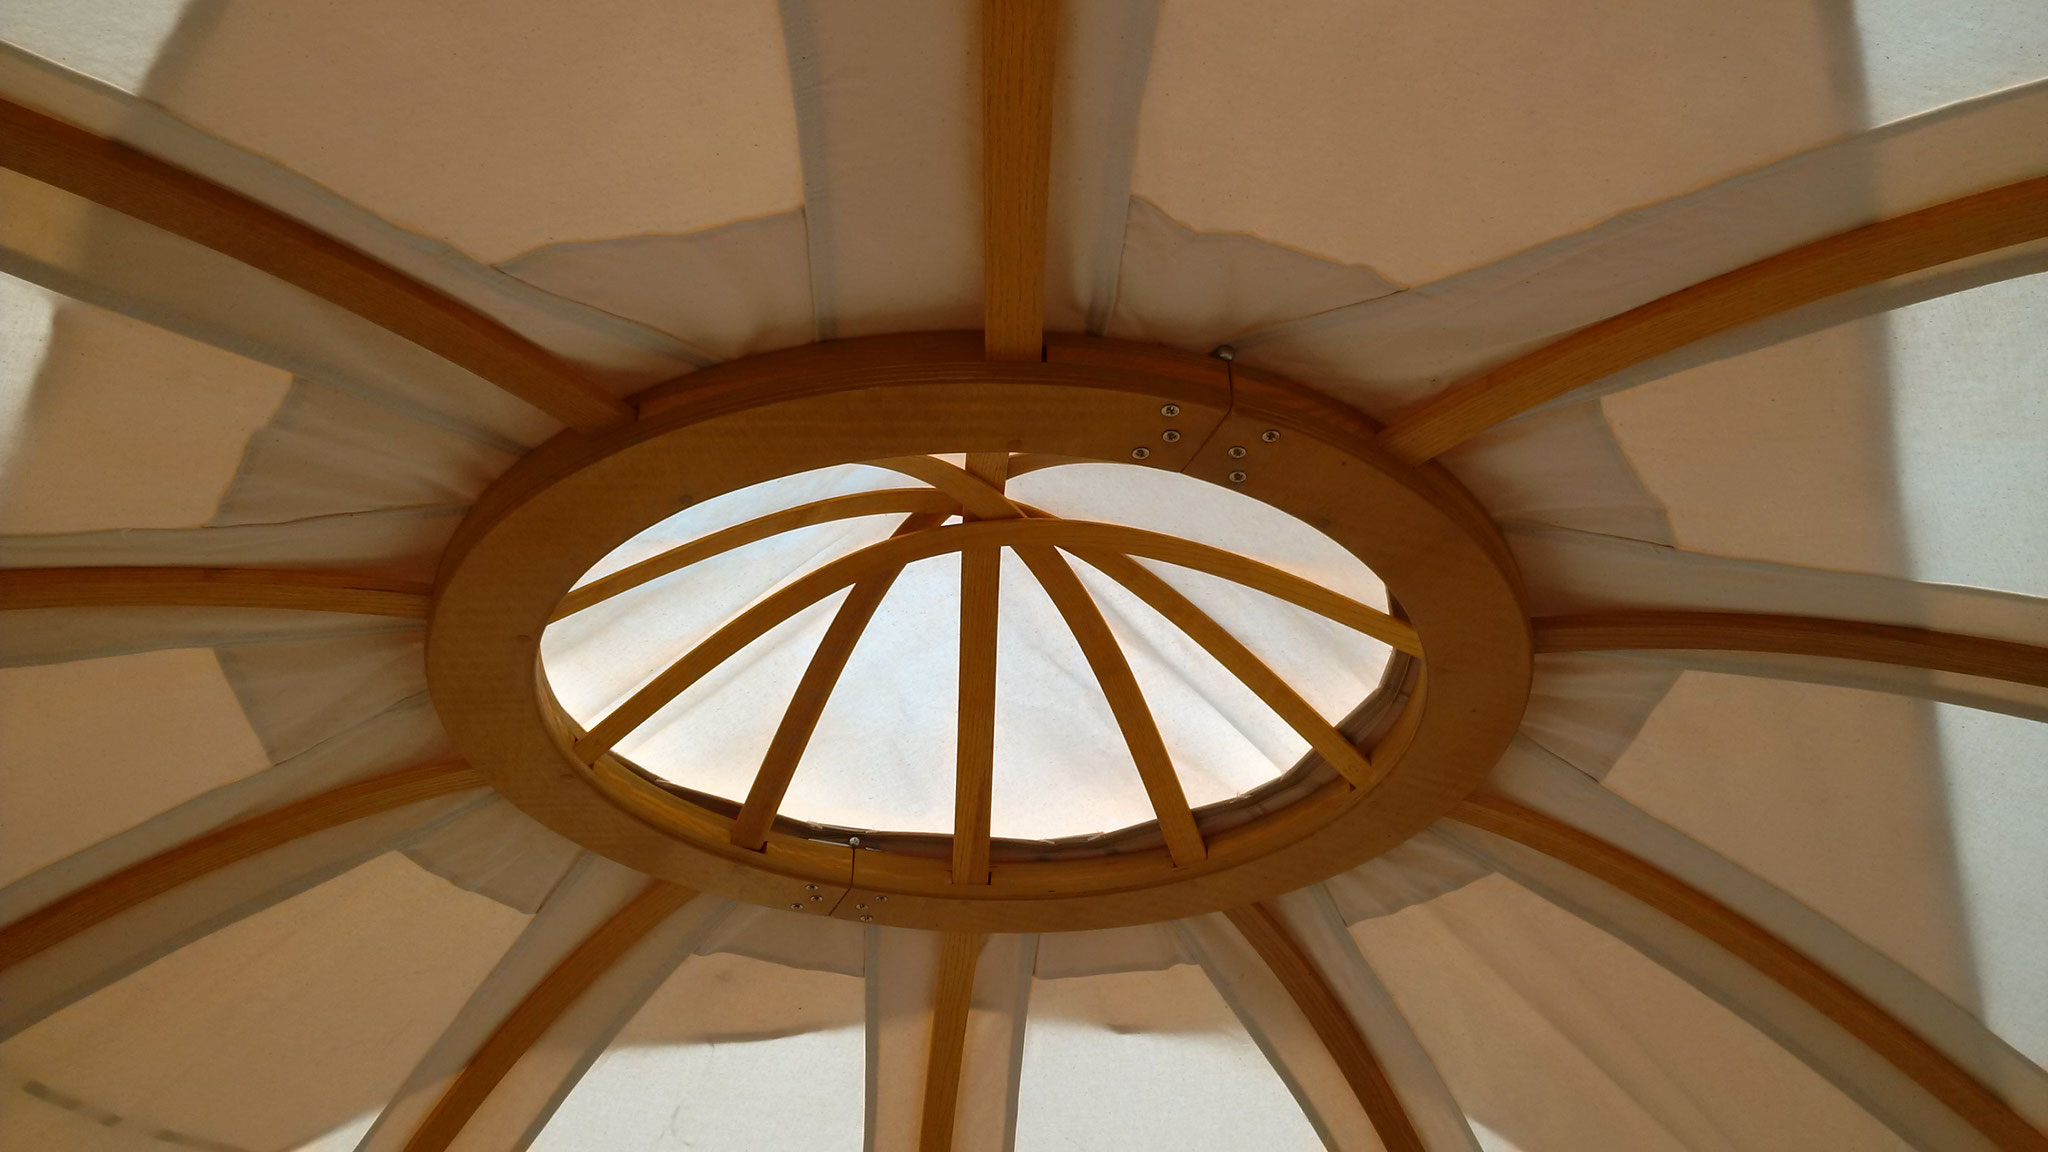 Die Kuppel kann geöffnet werden. Lüftung und Rauchabzug in einem